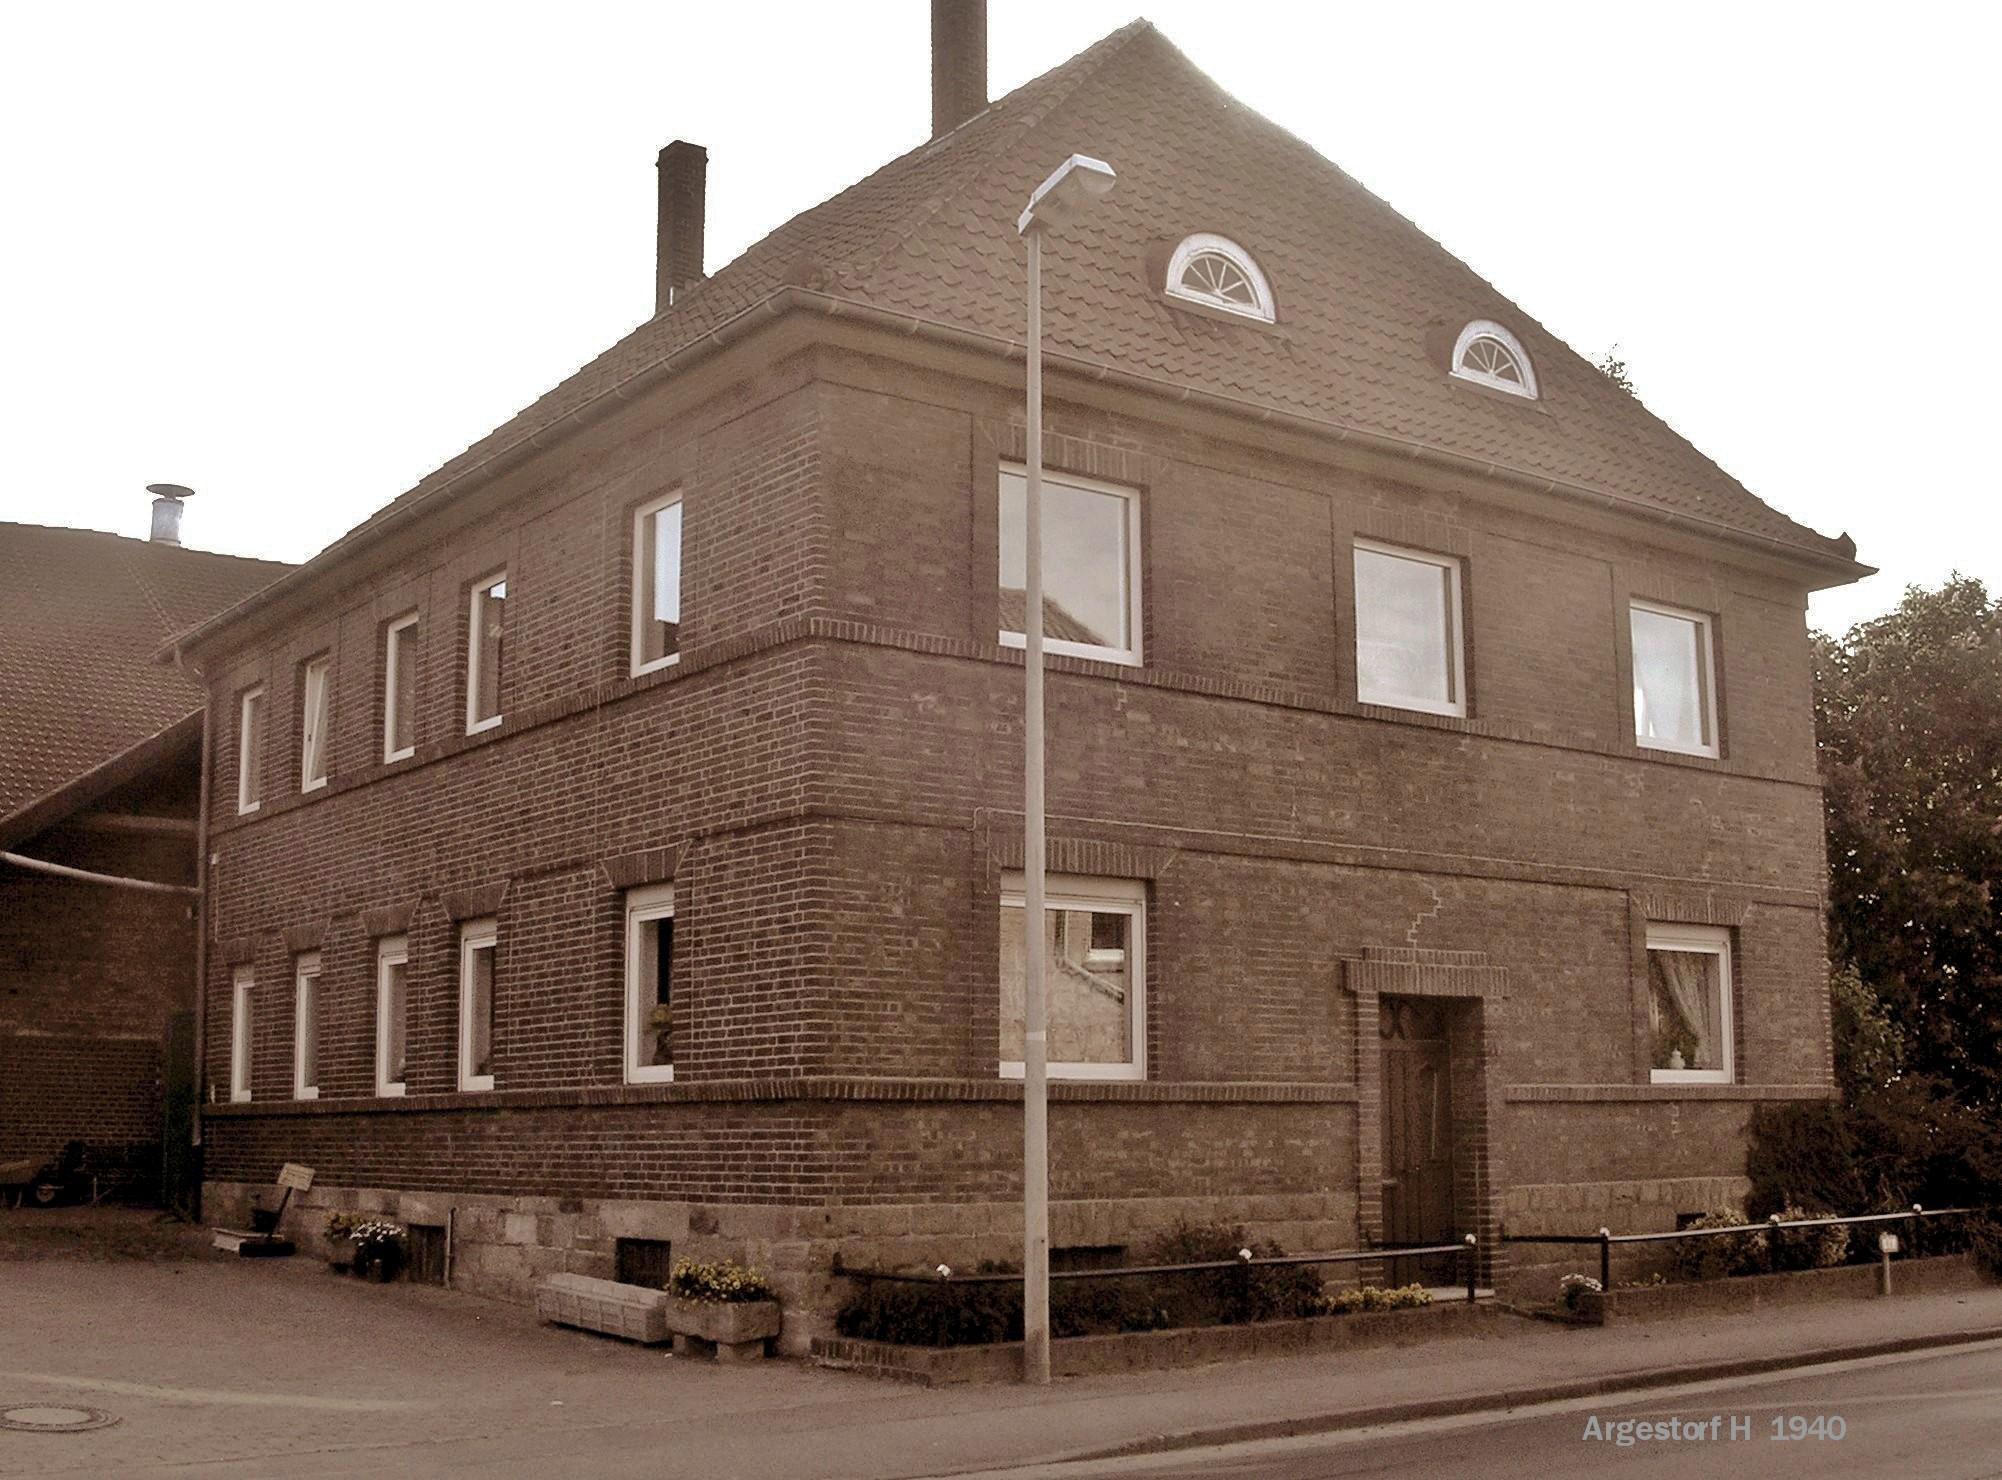 t-1940-argestorf-h-neues-bauen-